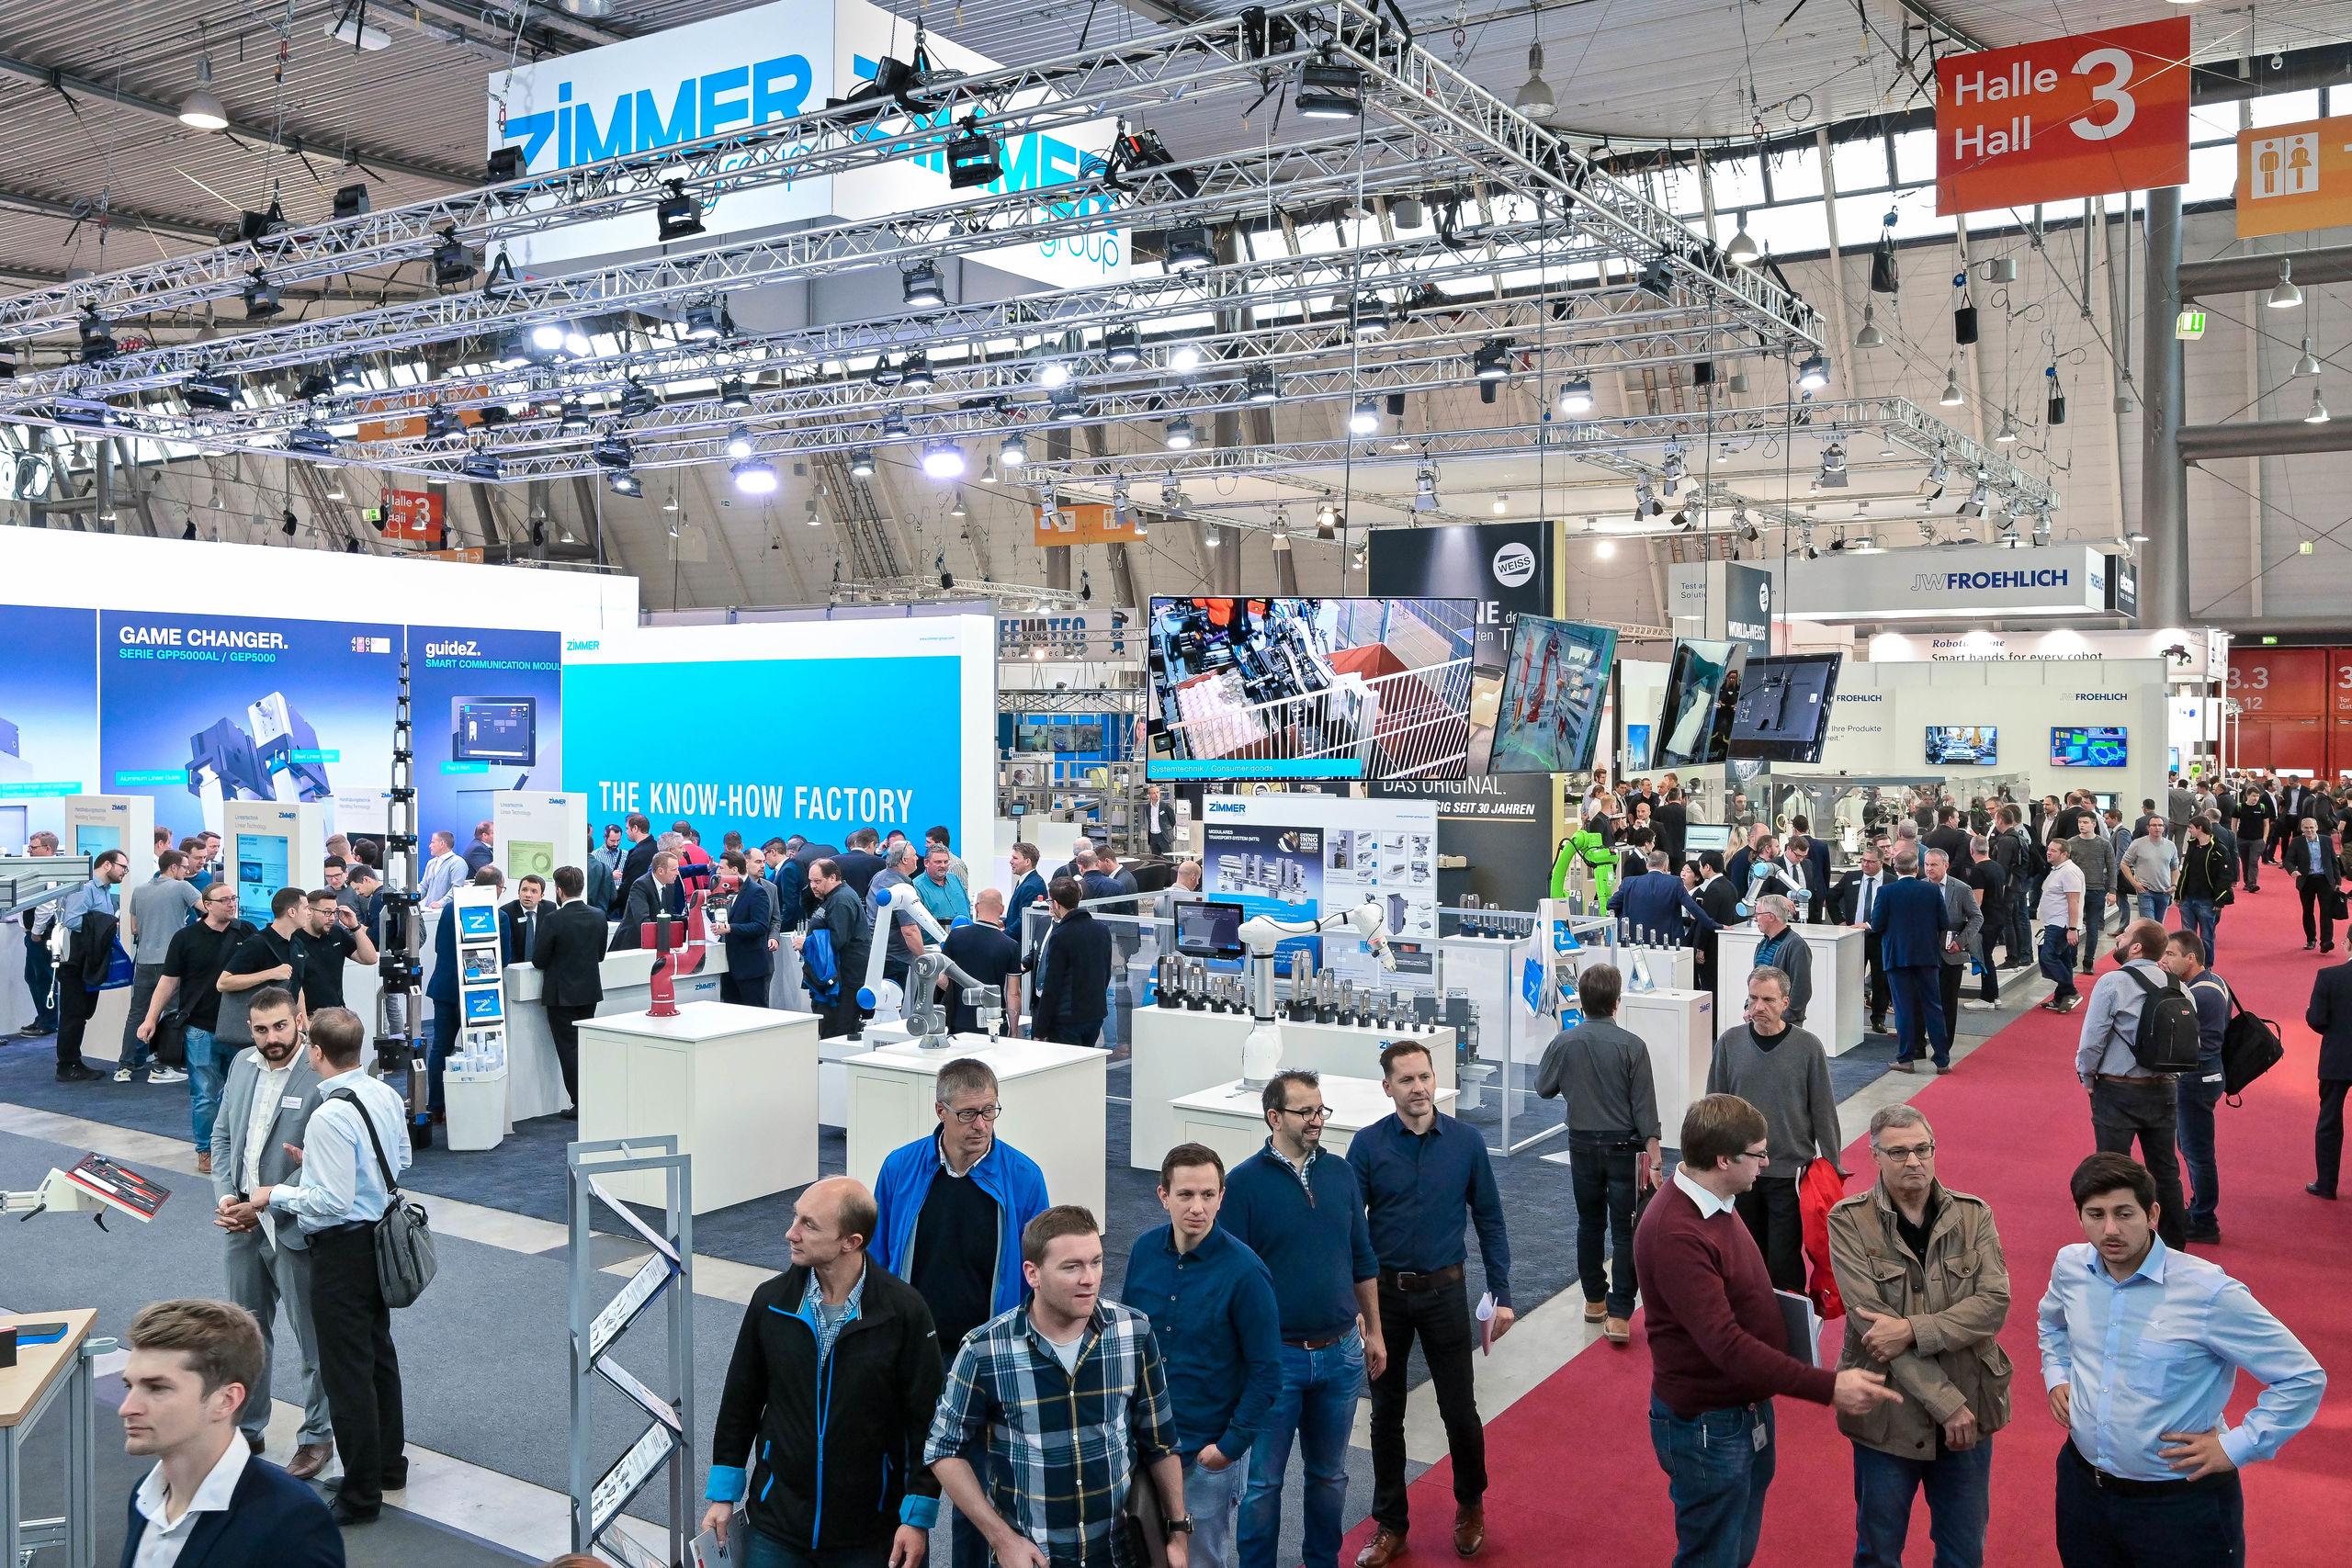 Bild: P.E. Schall GmbH & Co. KG